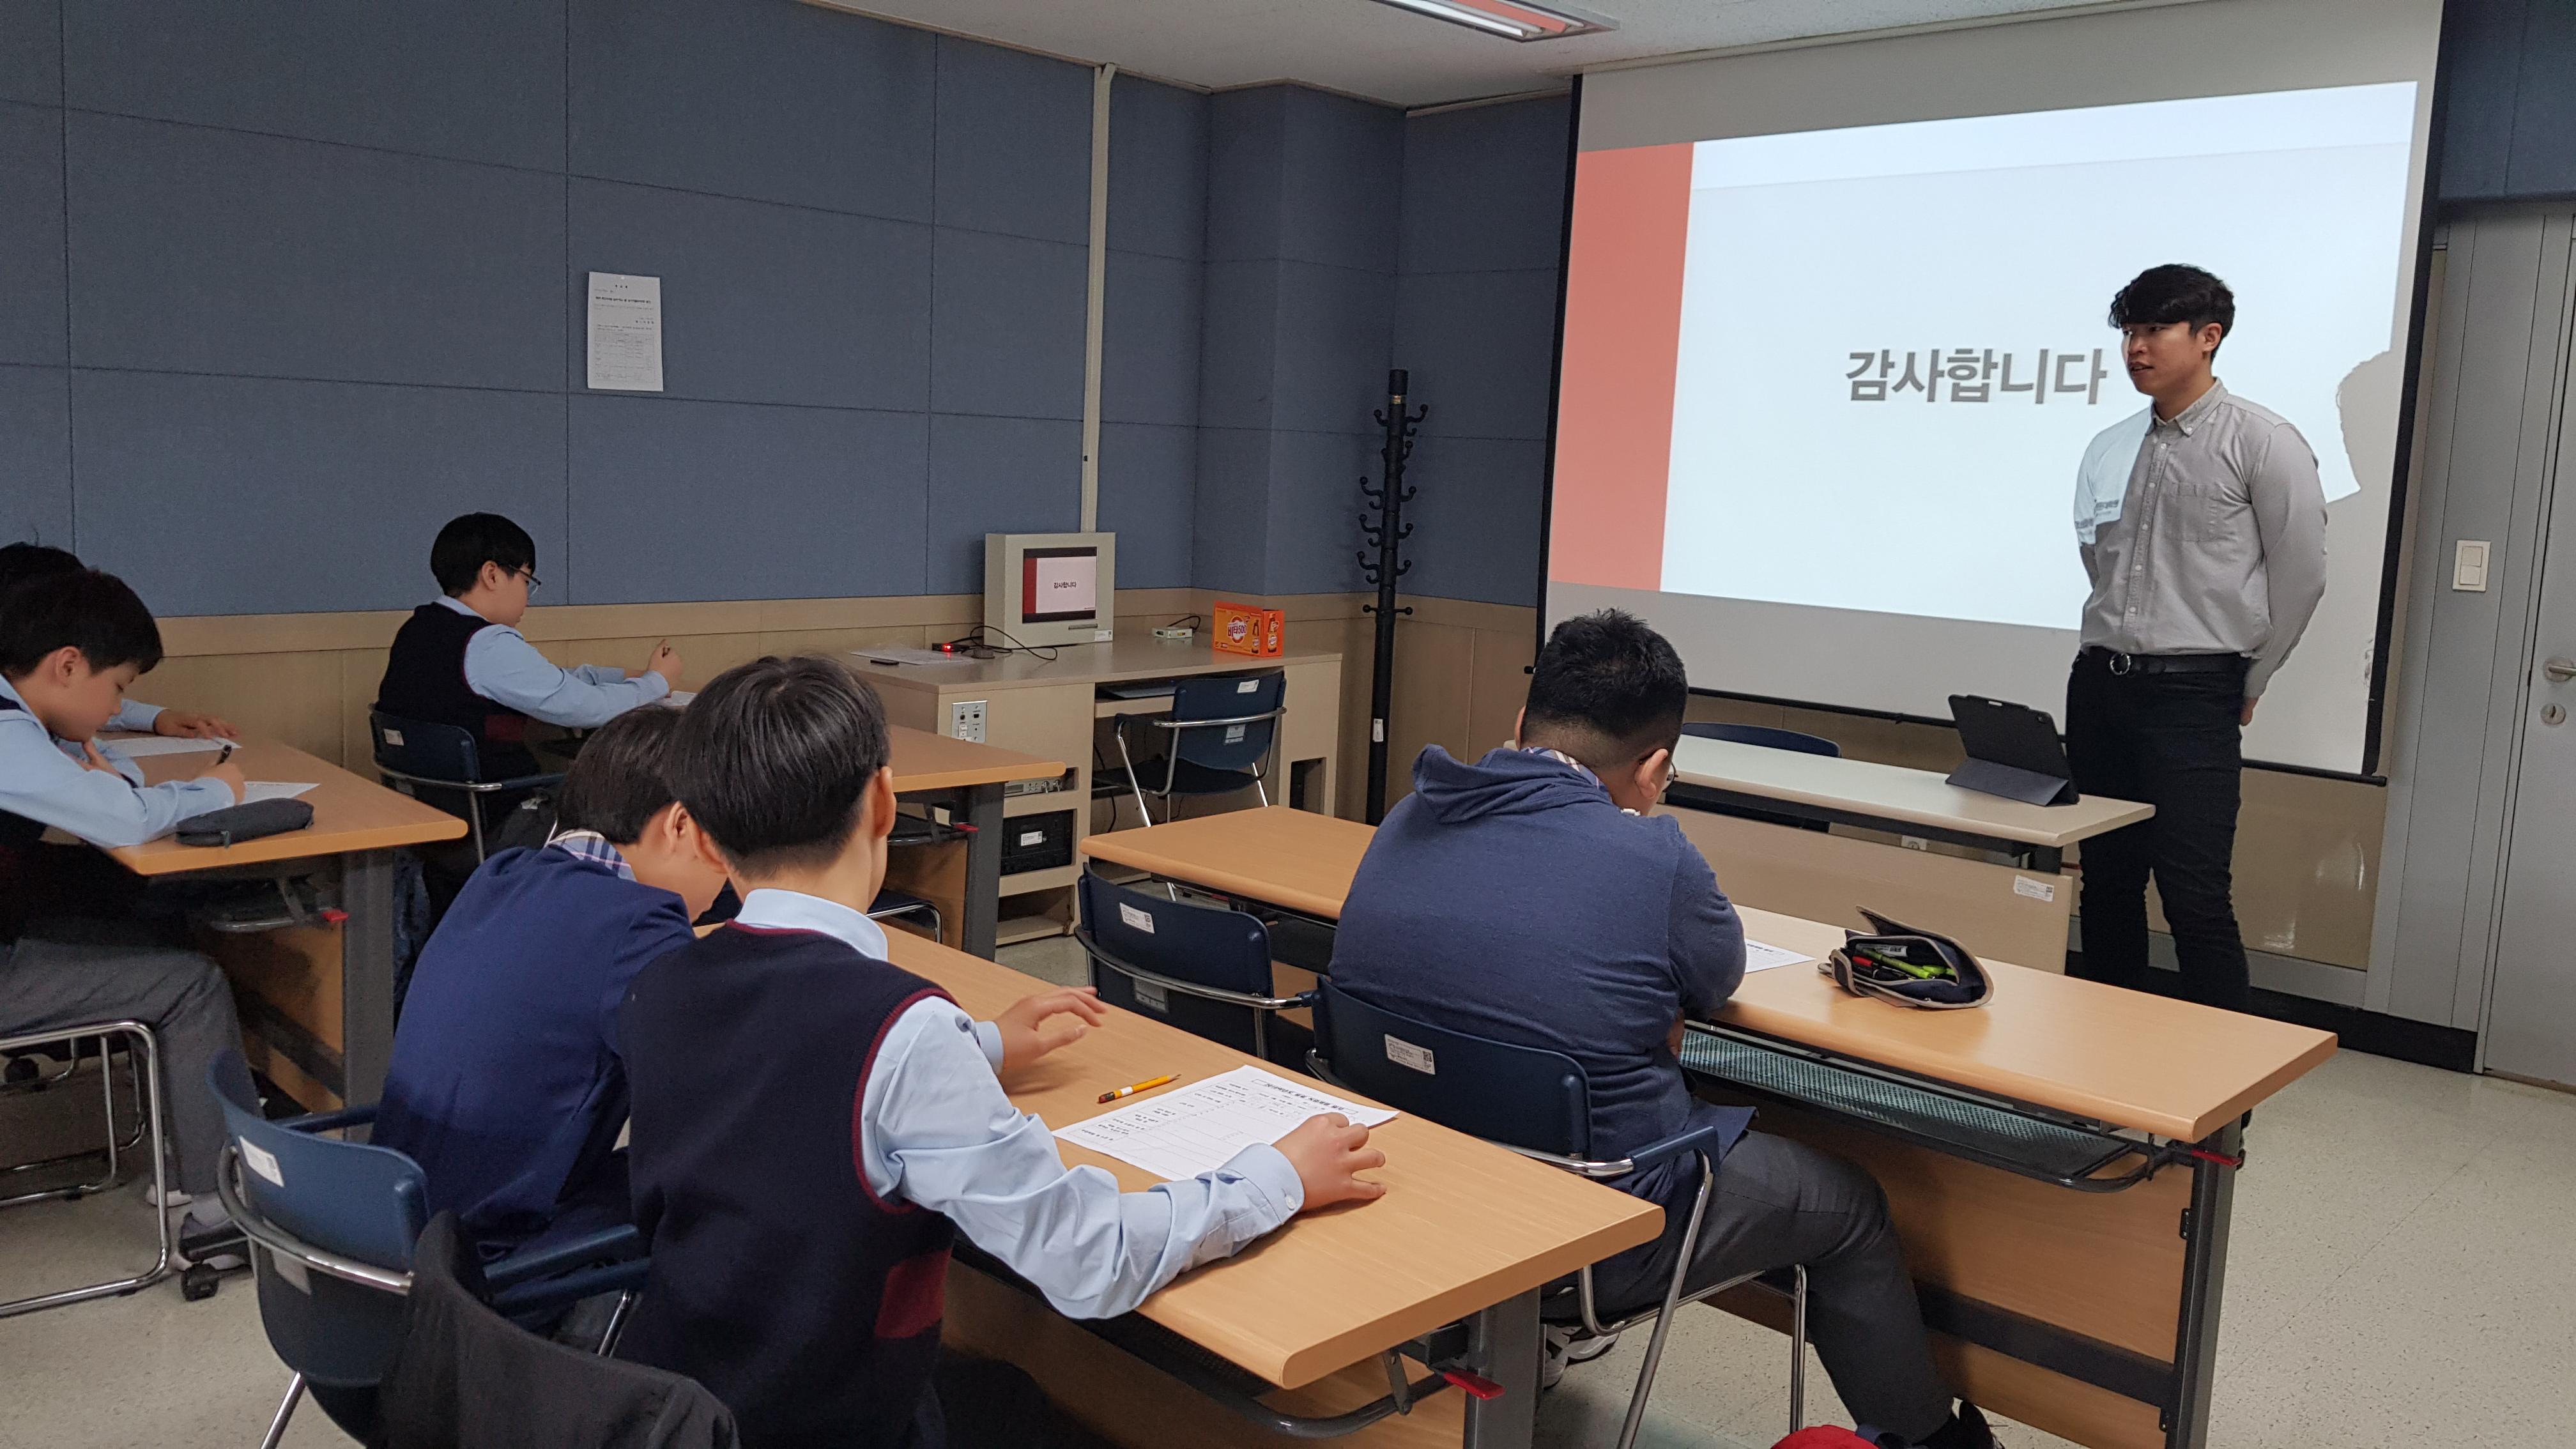 20190430 휘경중학교 현장직업체험 - 경희대 로스쿨 (22) (곽)